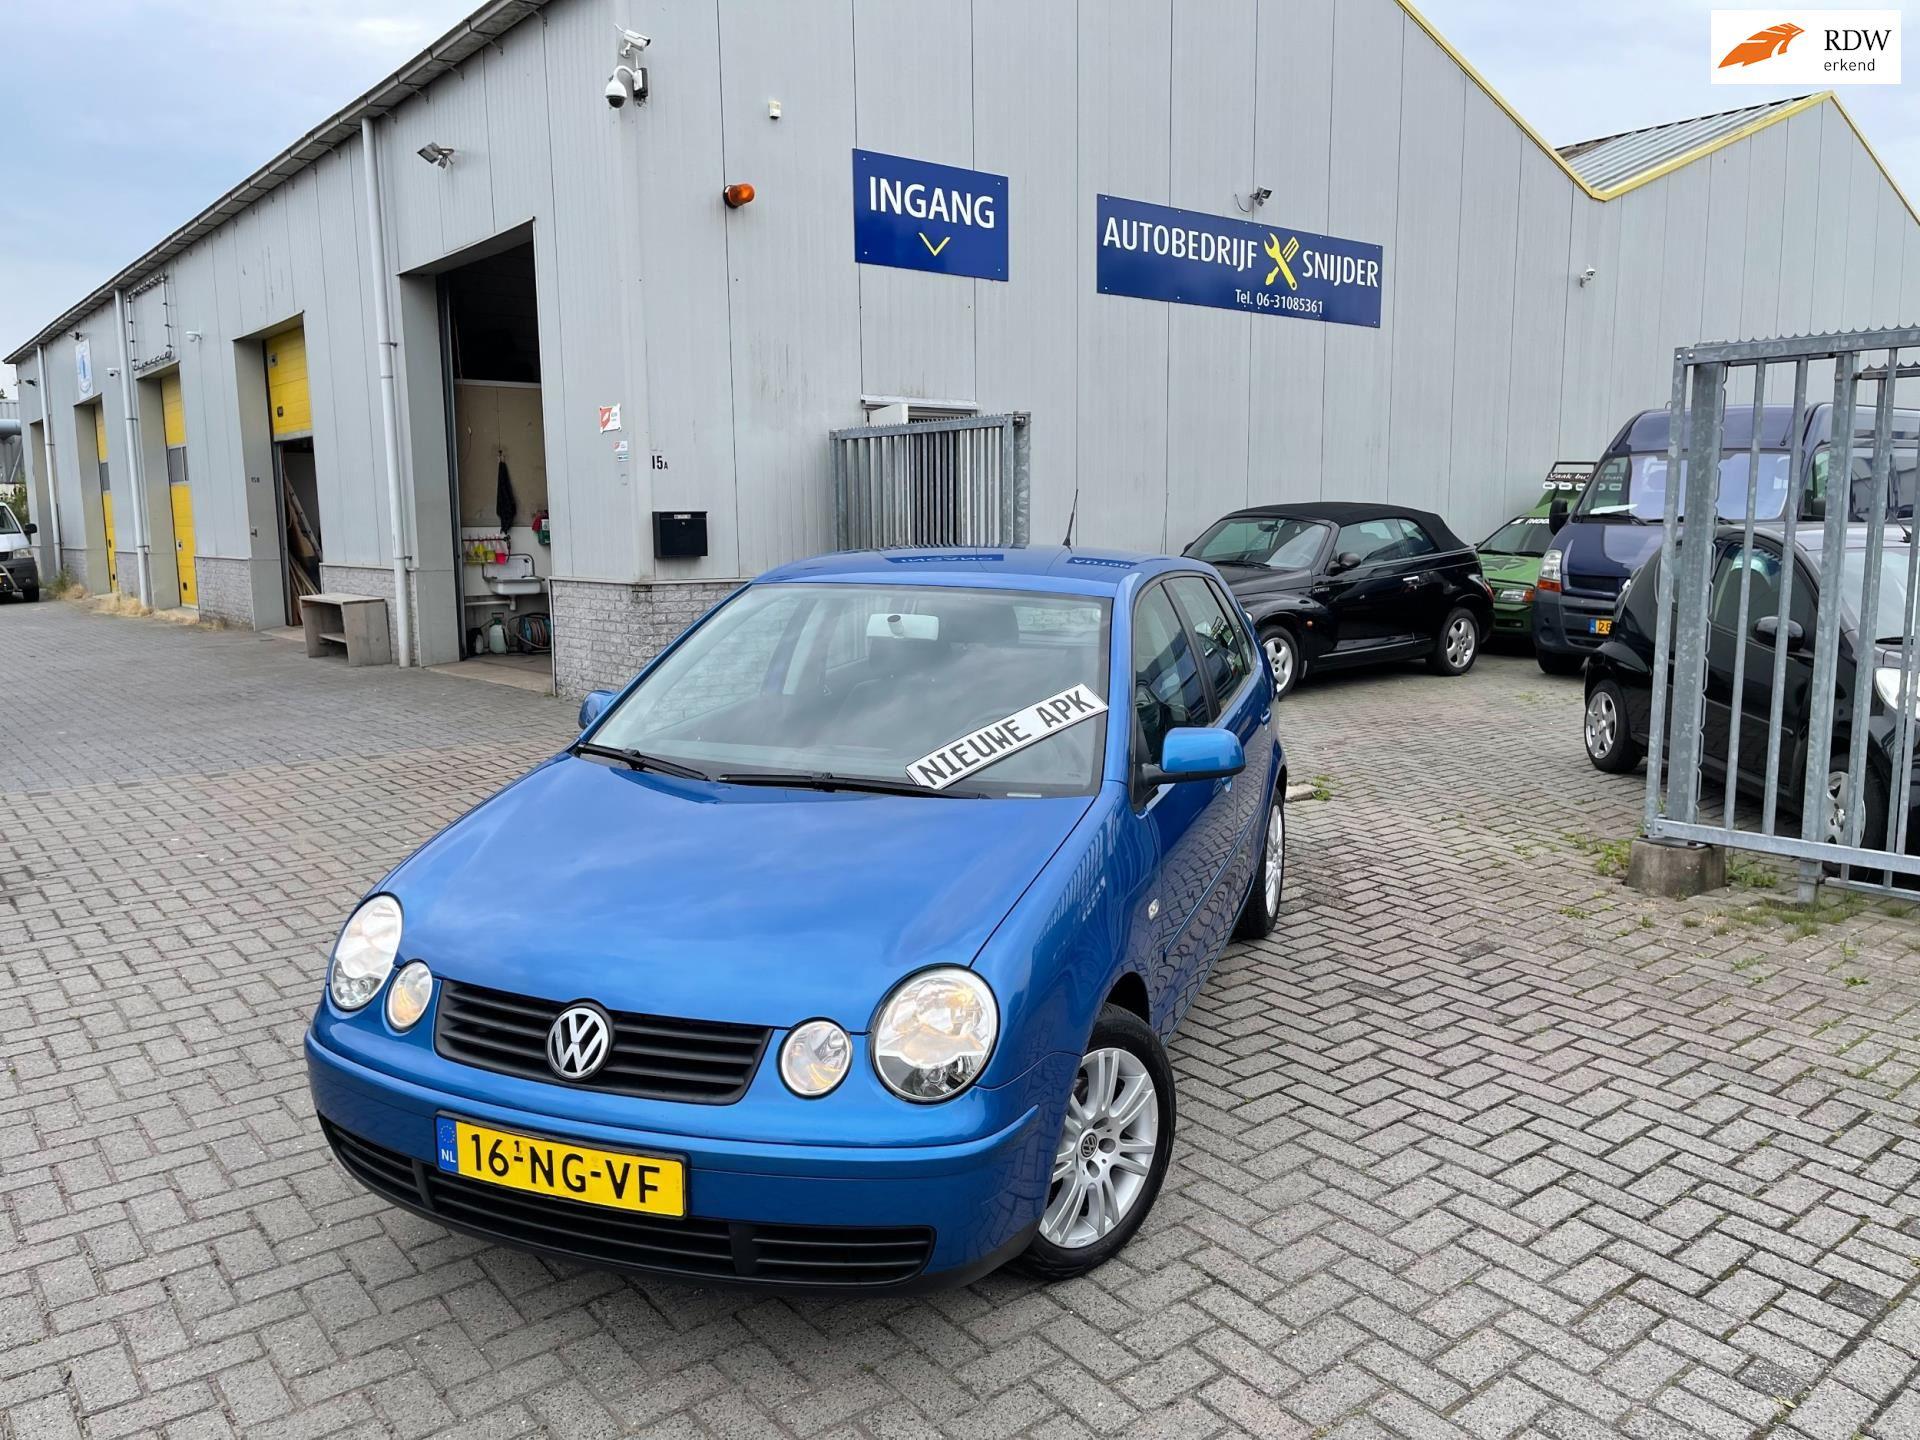 Volkswagen Polo occasion - Autobedrijf Snijder